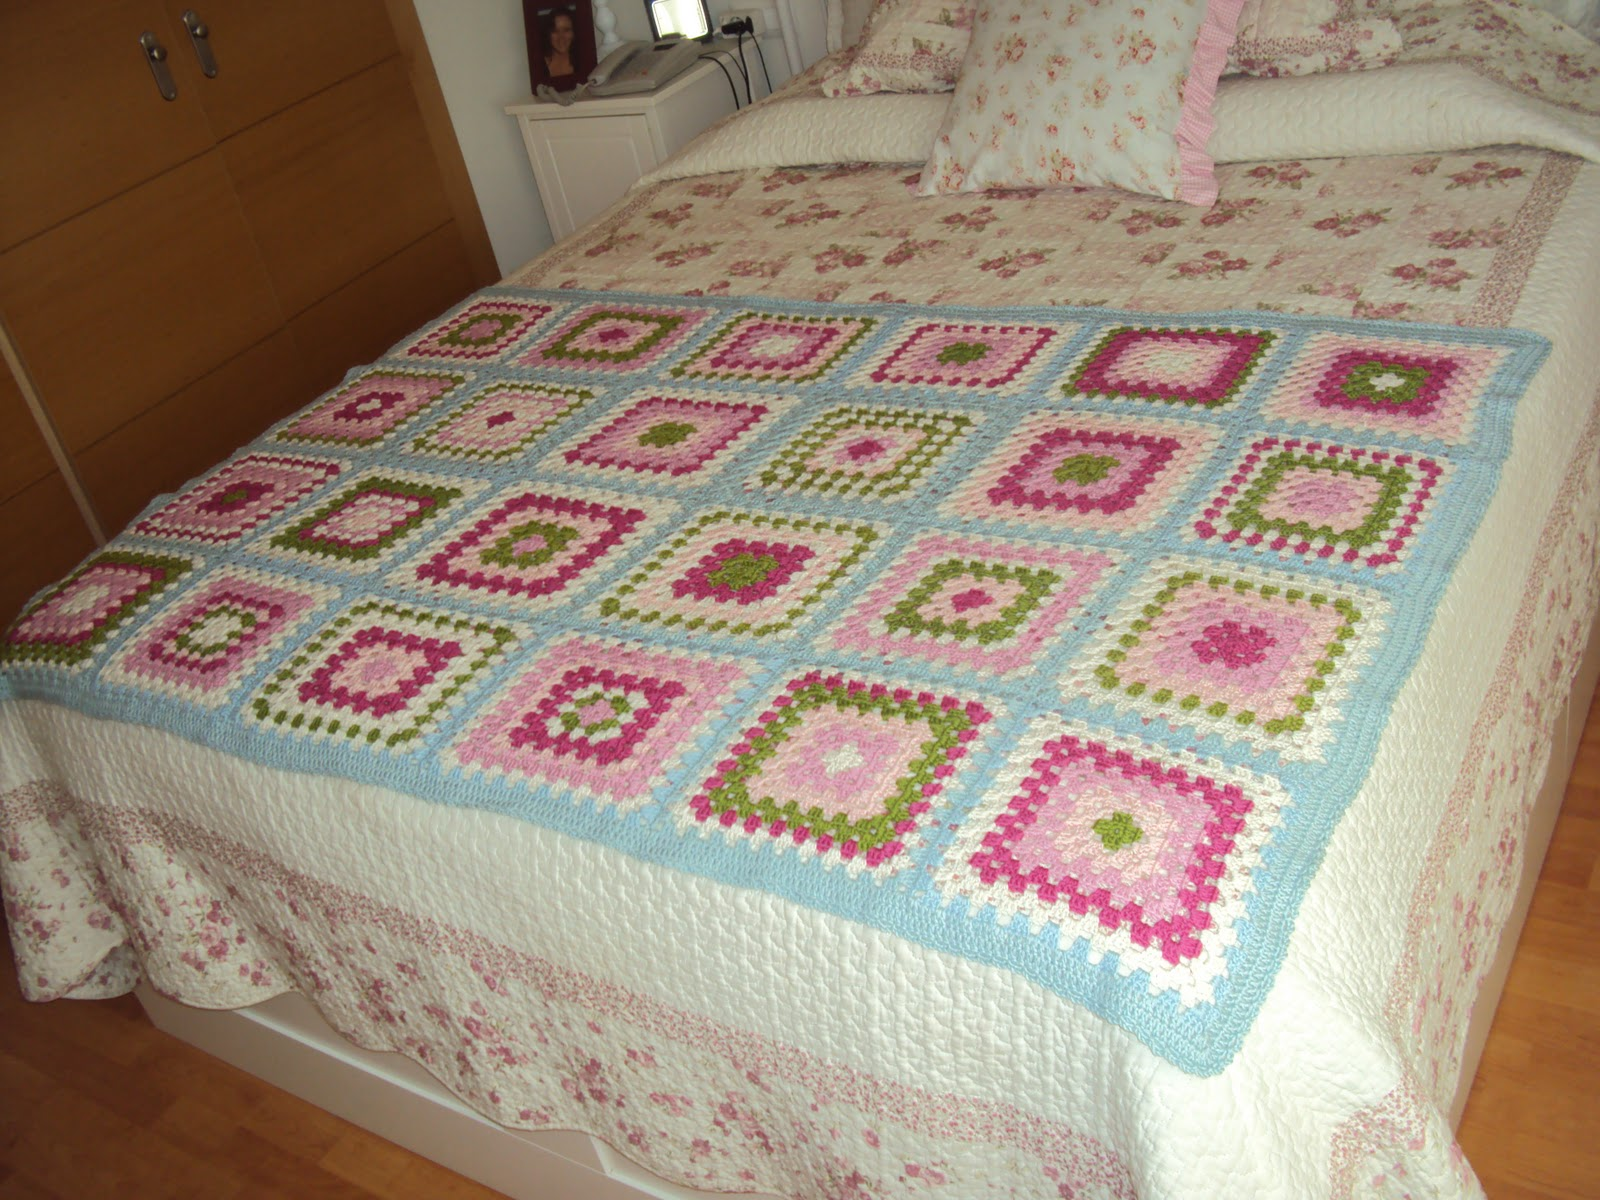 Clown quote comprar colchas de patchwork hechas a mano - Colchas de crochet paso a paso ...